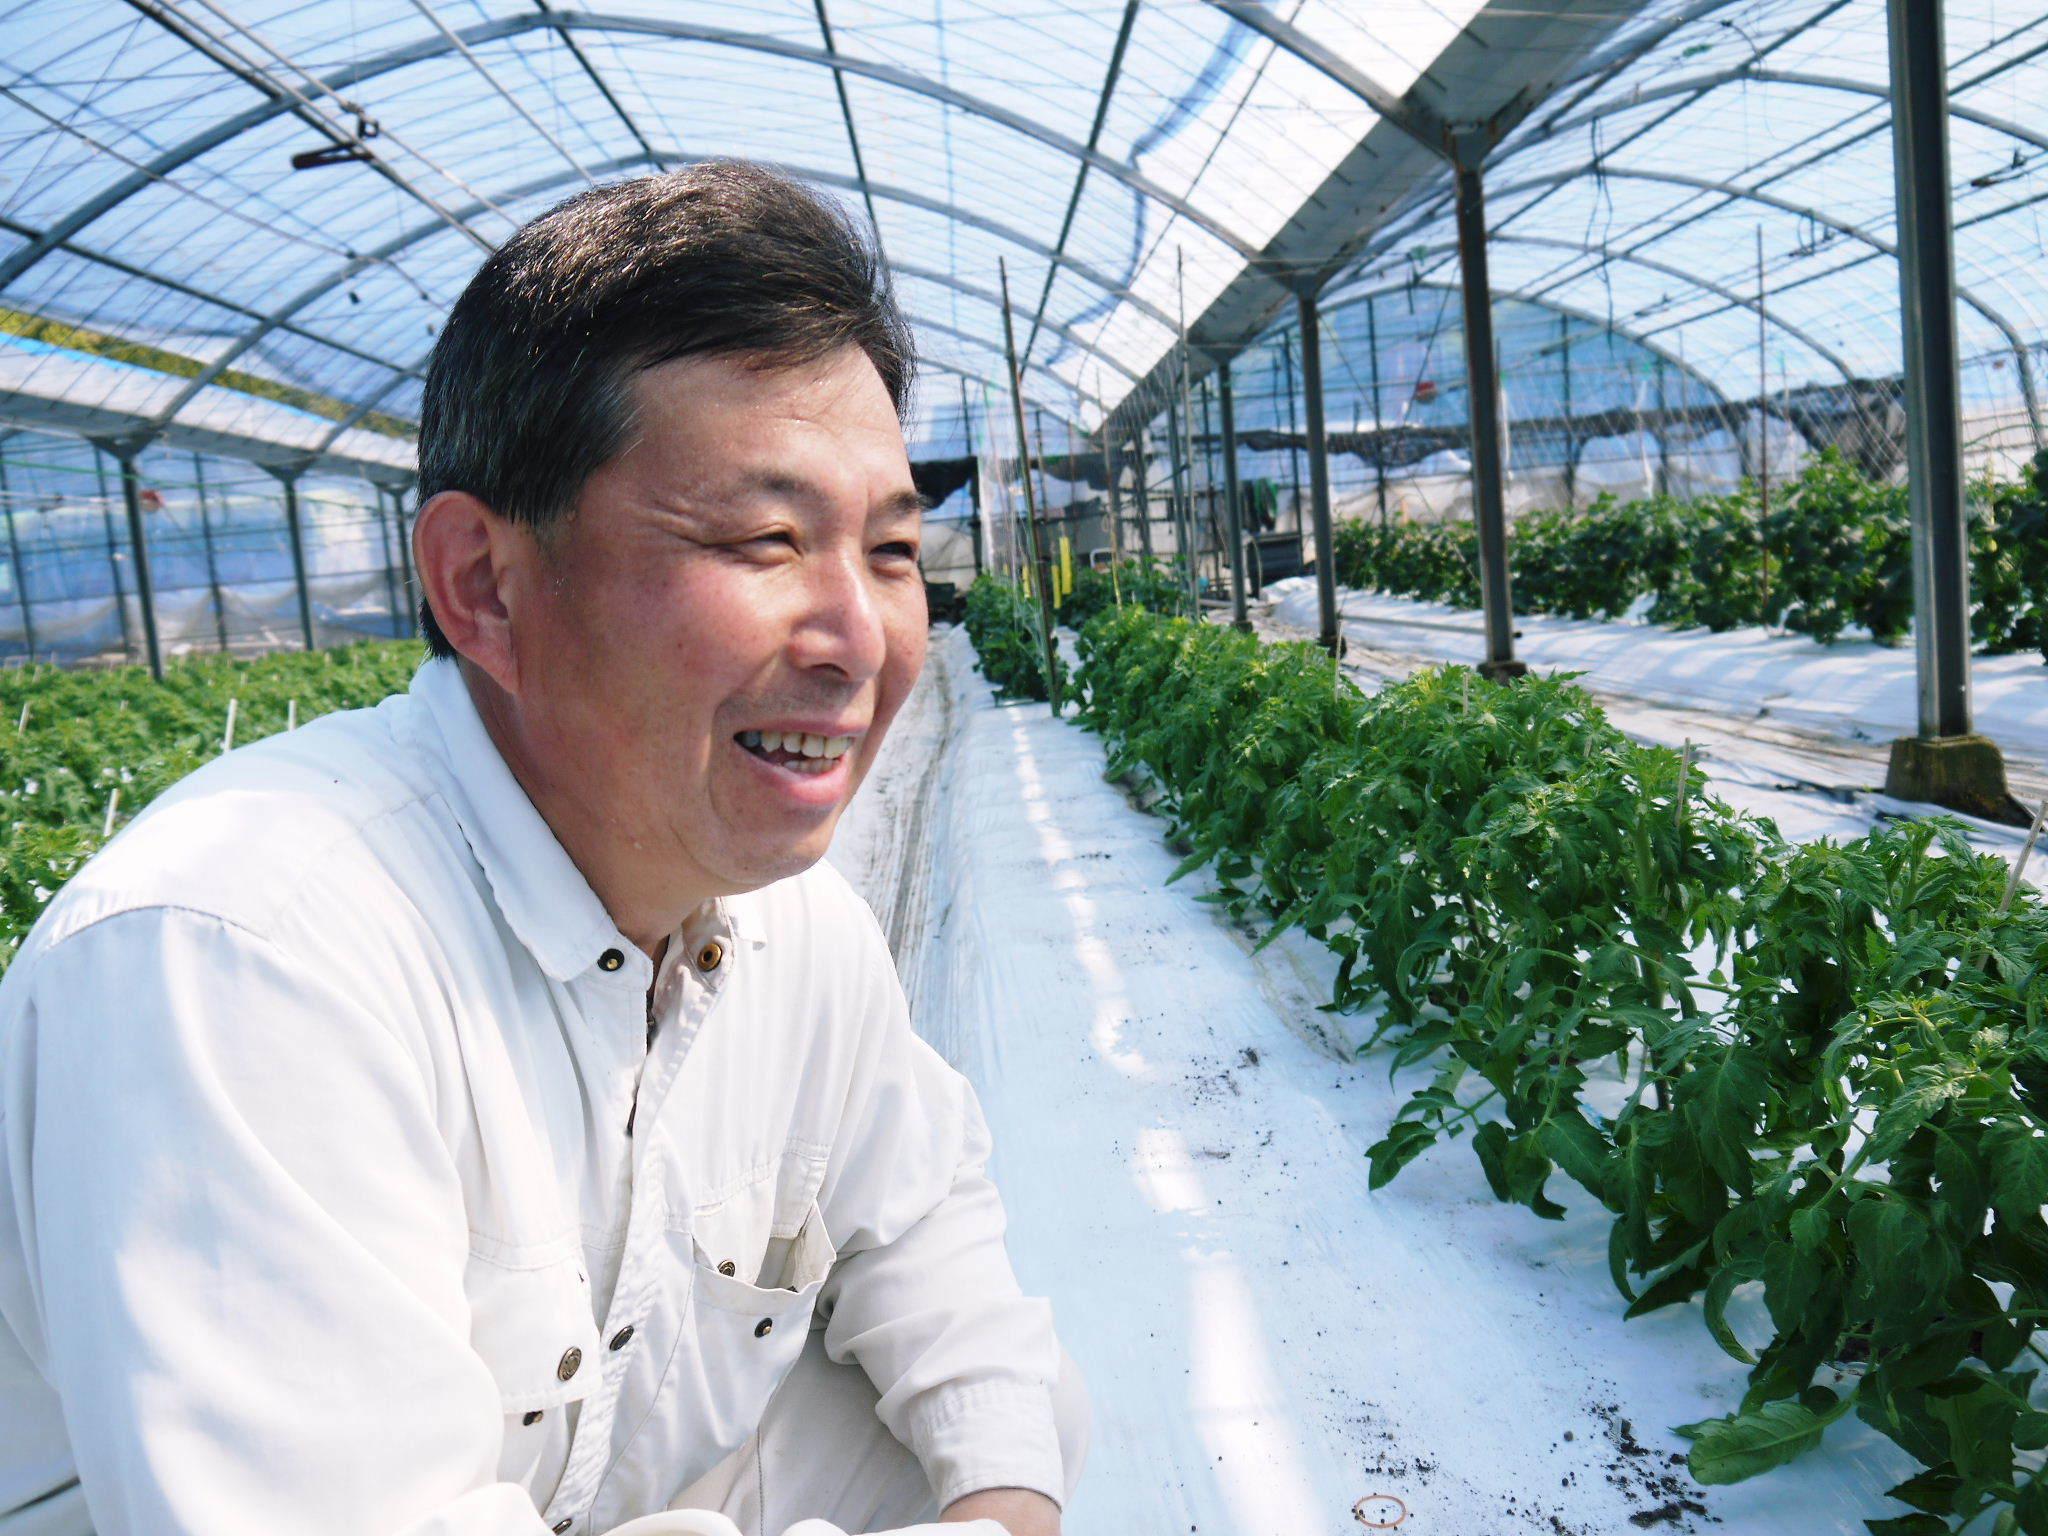 樹上完熟の朝採りトマト 元気に育成長中!そして、新品種のトマトを定植したとのこと!さっそく現地取材! _a0254656_17530875.jpg